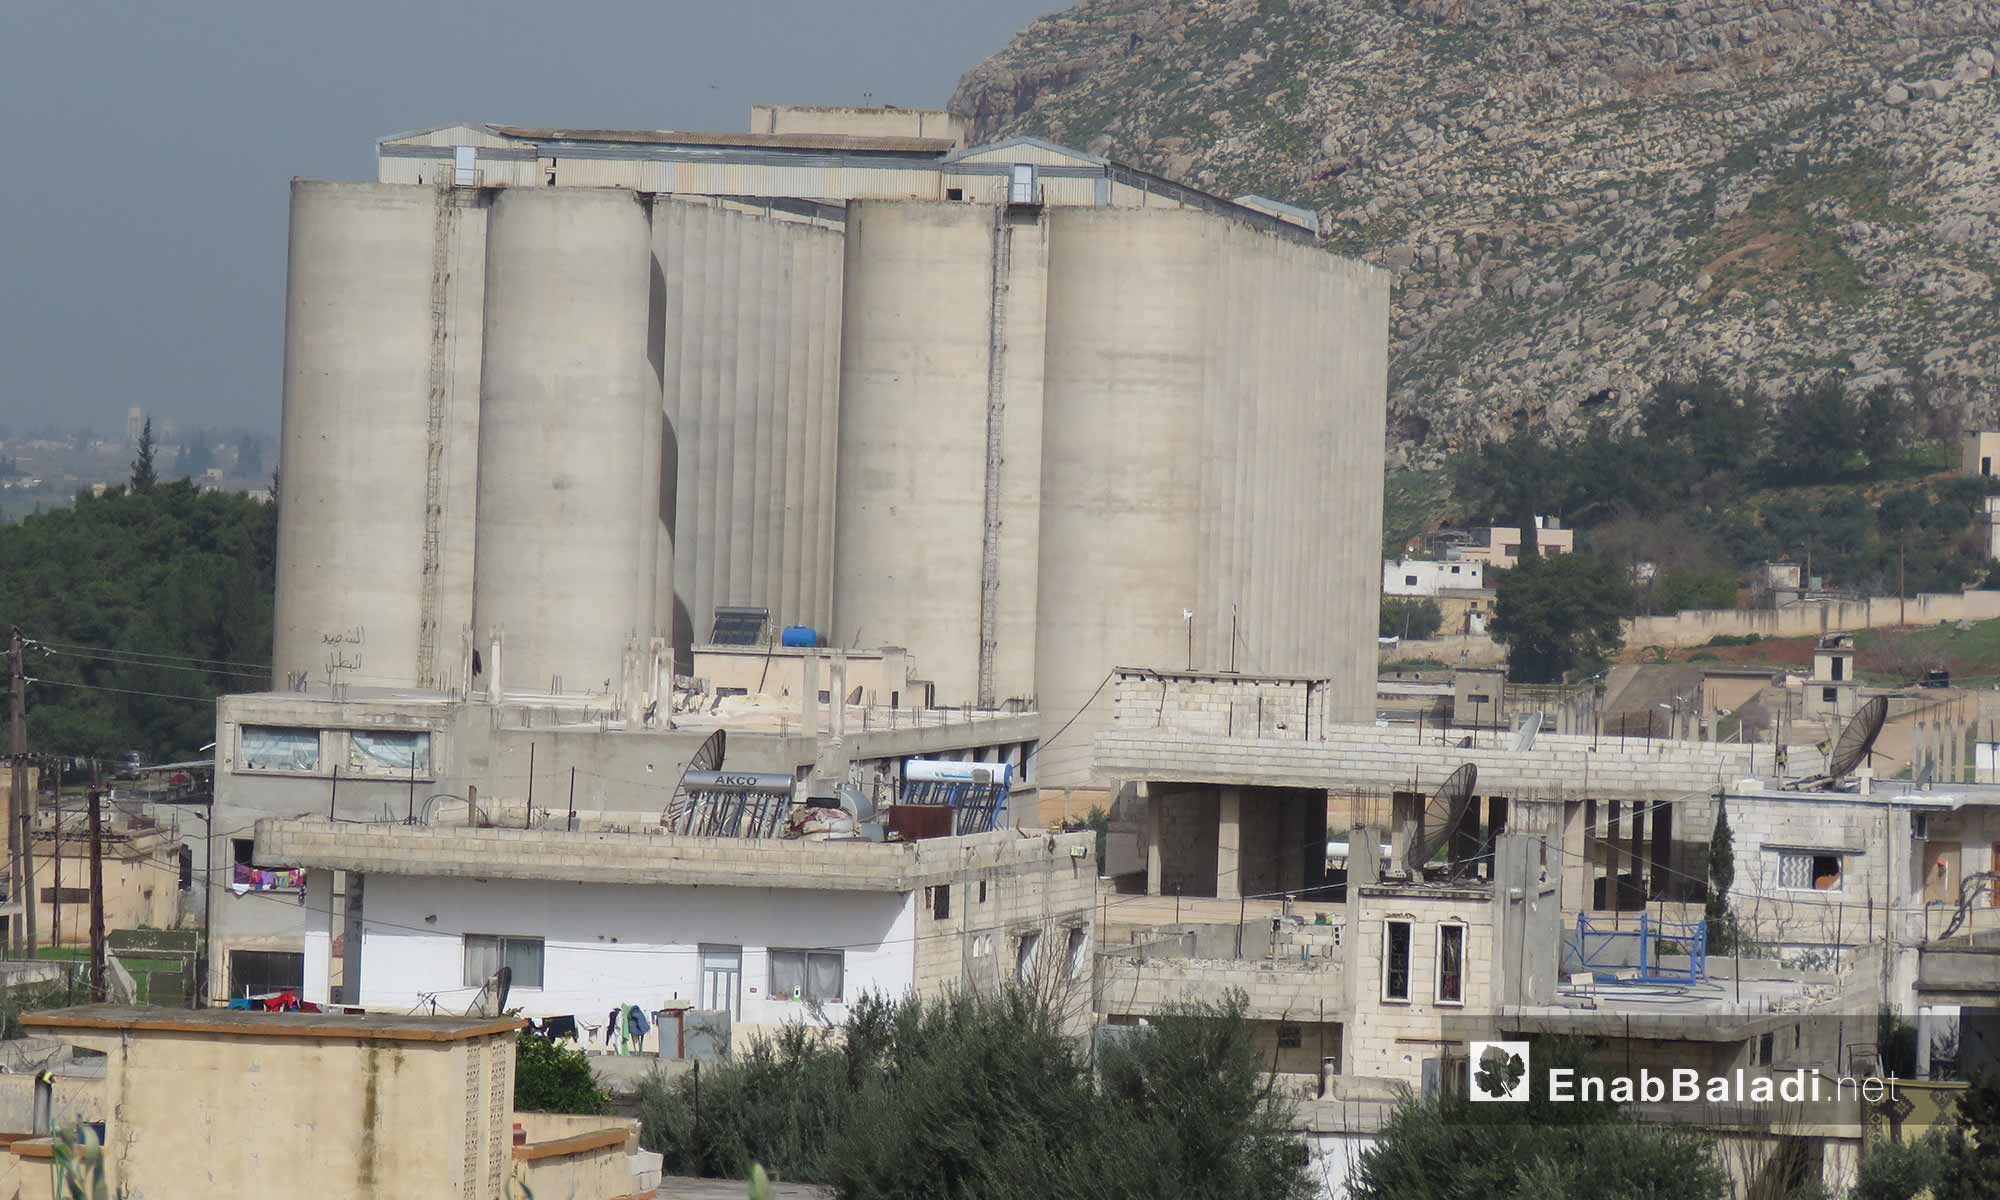 صوامع في قلعة المضيق غربي جماة - 5 آذار 2018 (عنب بلدي)